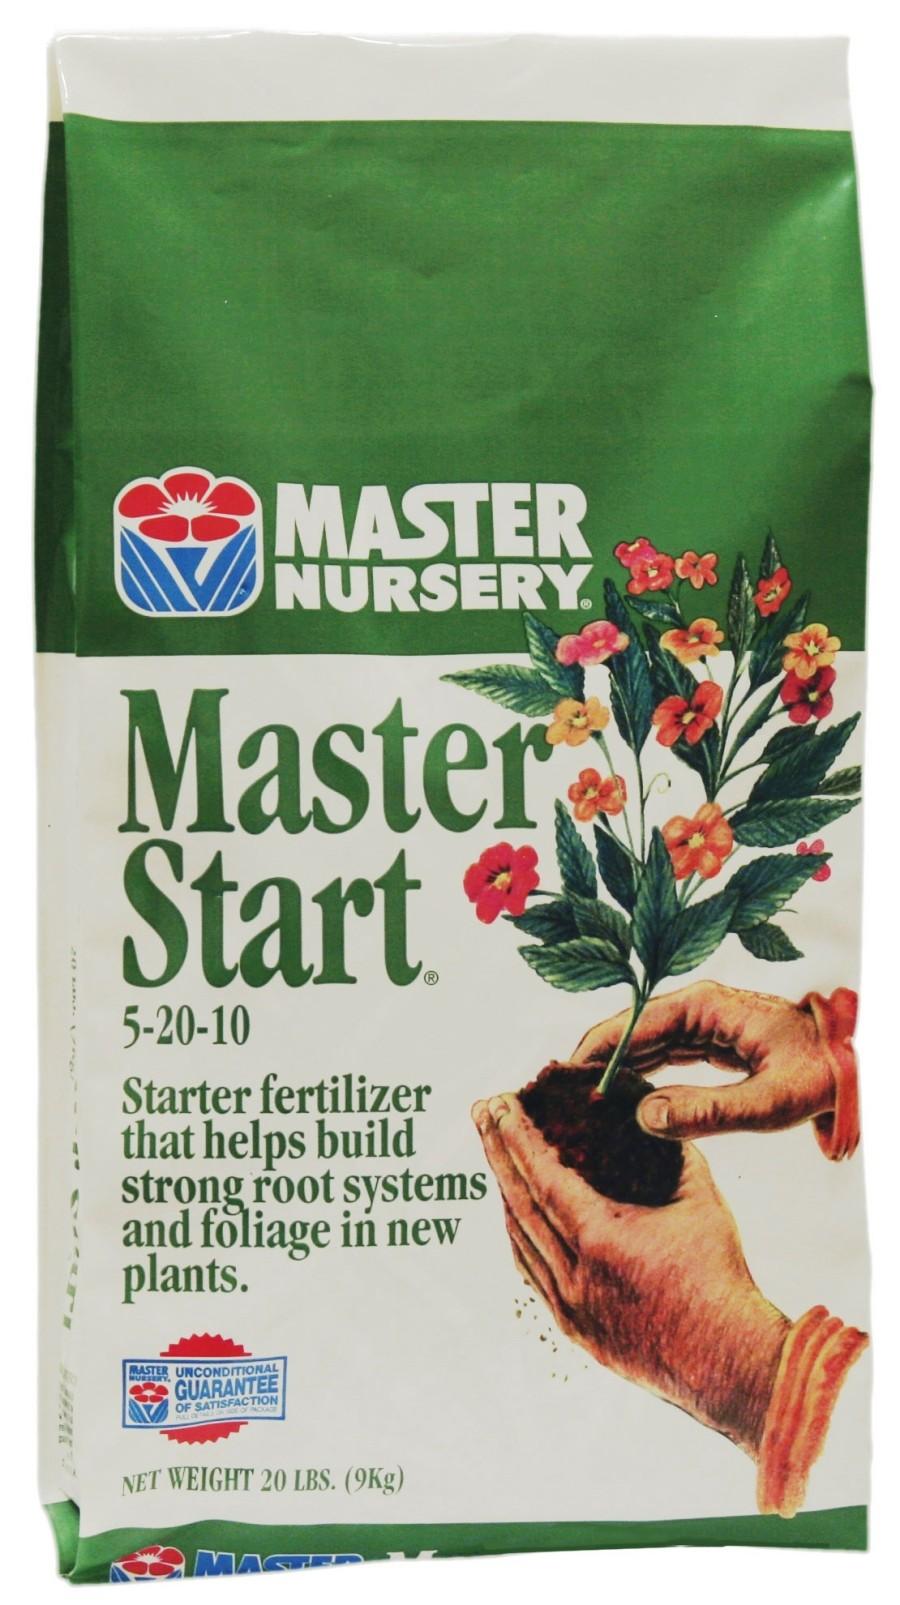 Master Nursery Master Start Fertilizer 5-20-10